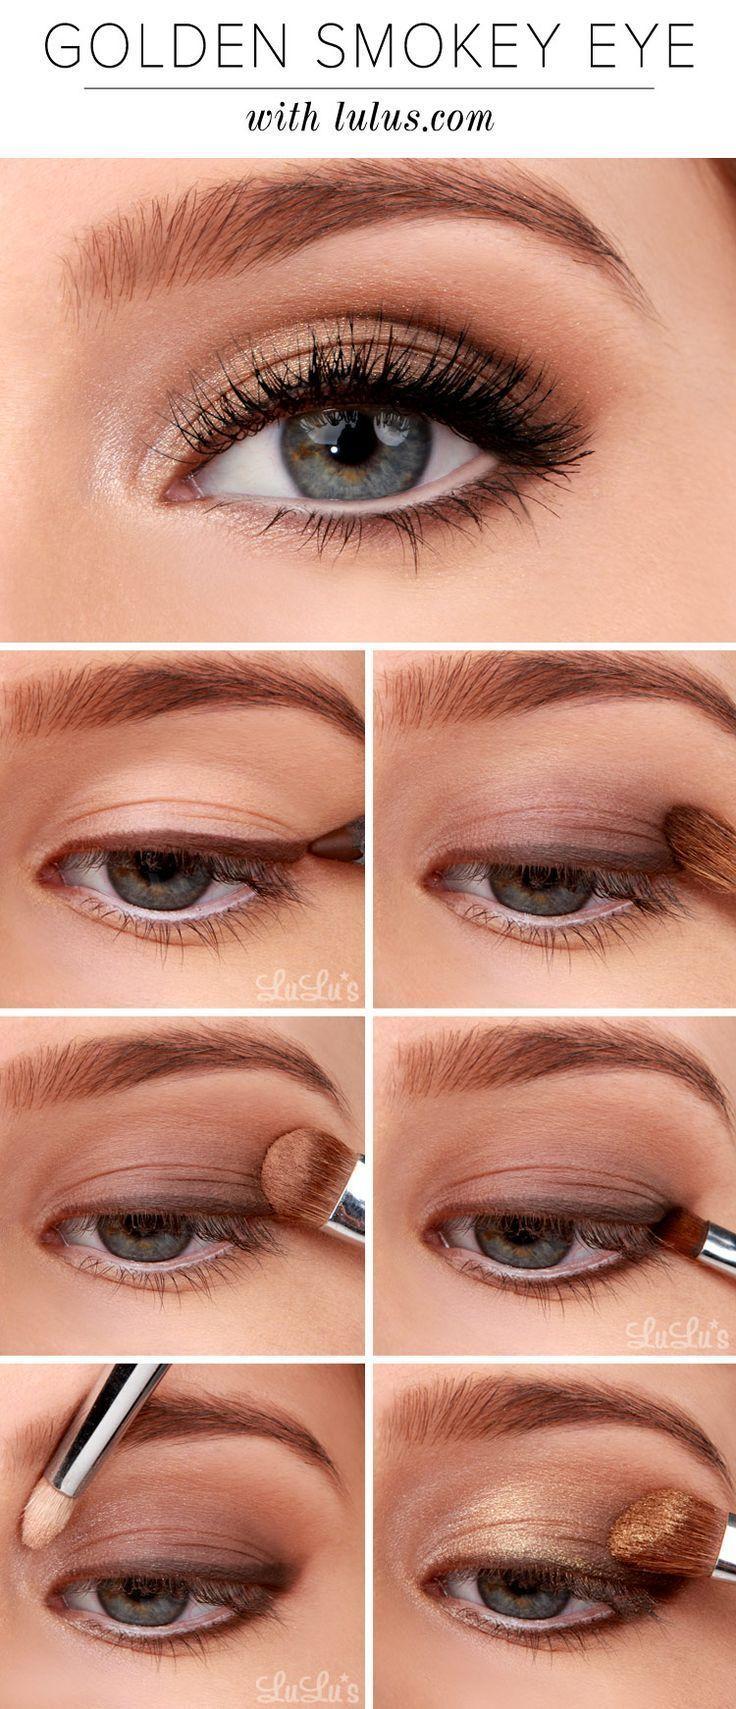 | Augen Make-up Tipps, Make-up Lidschatten, Wie Lidschatten, Make-up Tricks, Wie ... #augen #lidschatten #tipps #tricks #eyemakeup